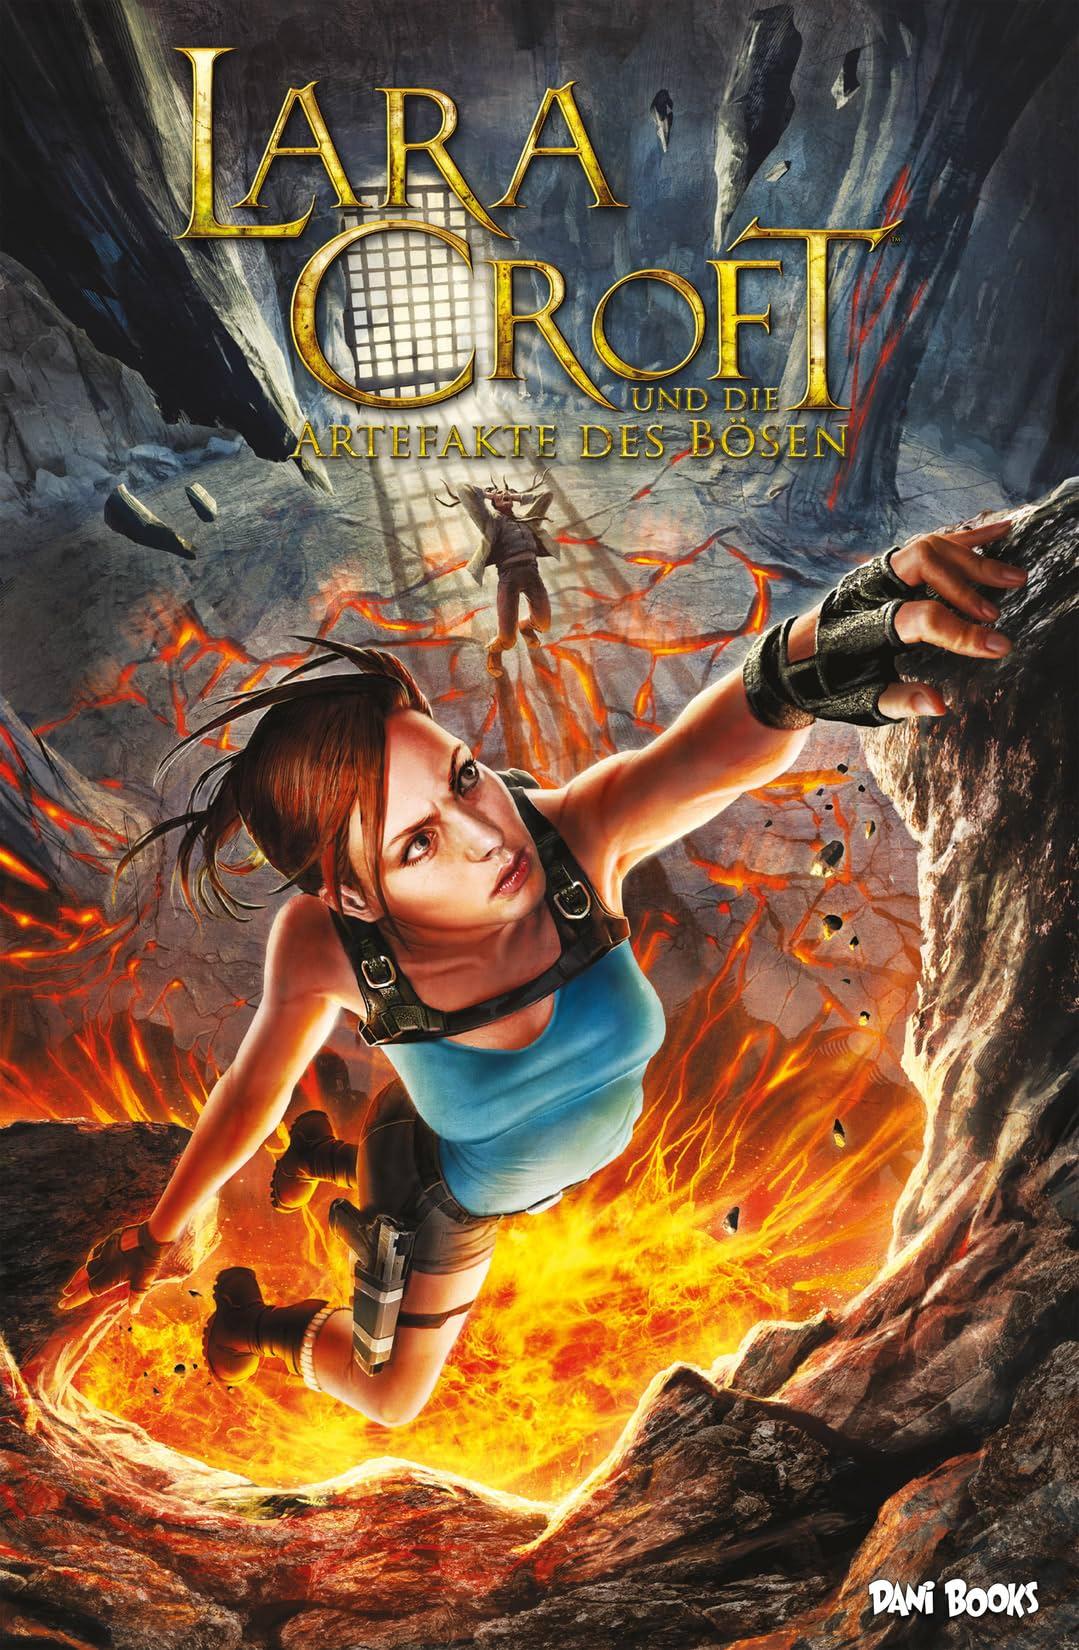 Lara Croft und die Artefakte des Bösen